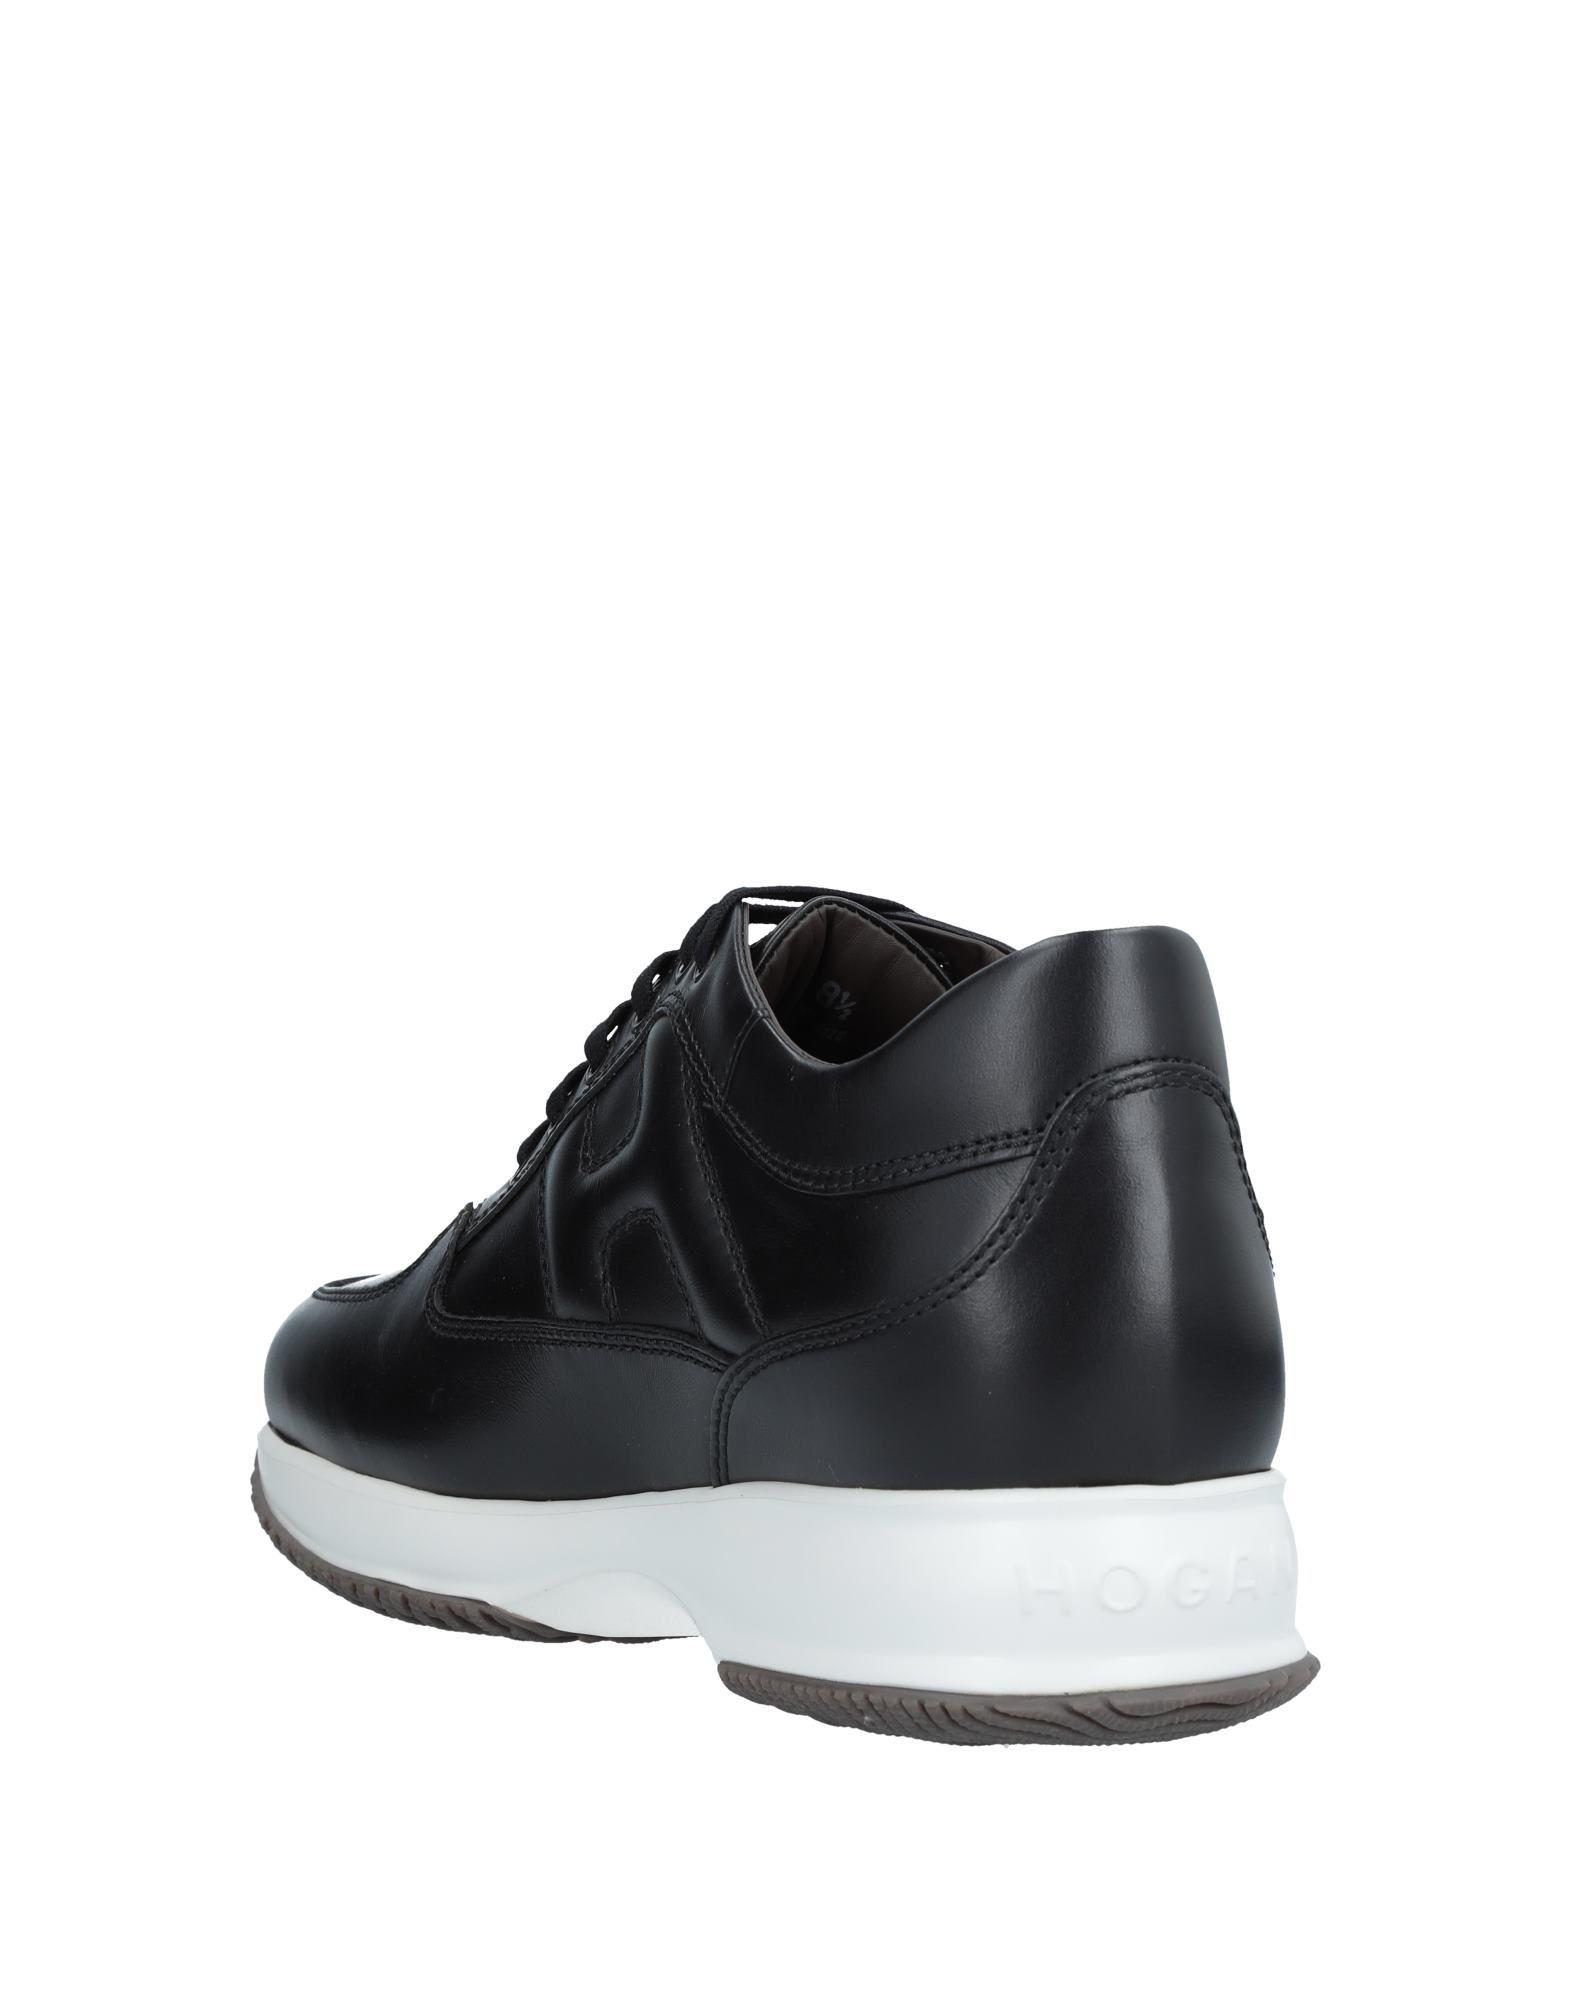 Hogan Gute Sneakers Herren  11540360QM Gute Hogan Qualität beliebte Schuhe 4a97fd